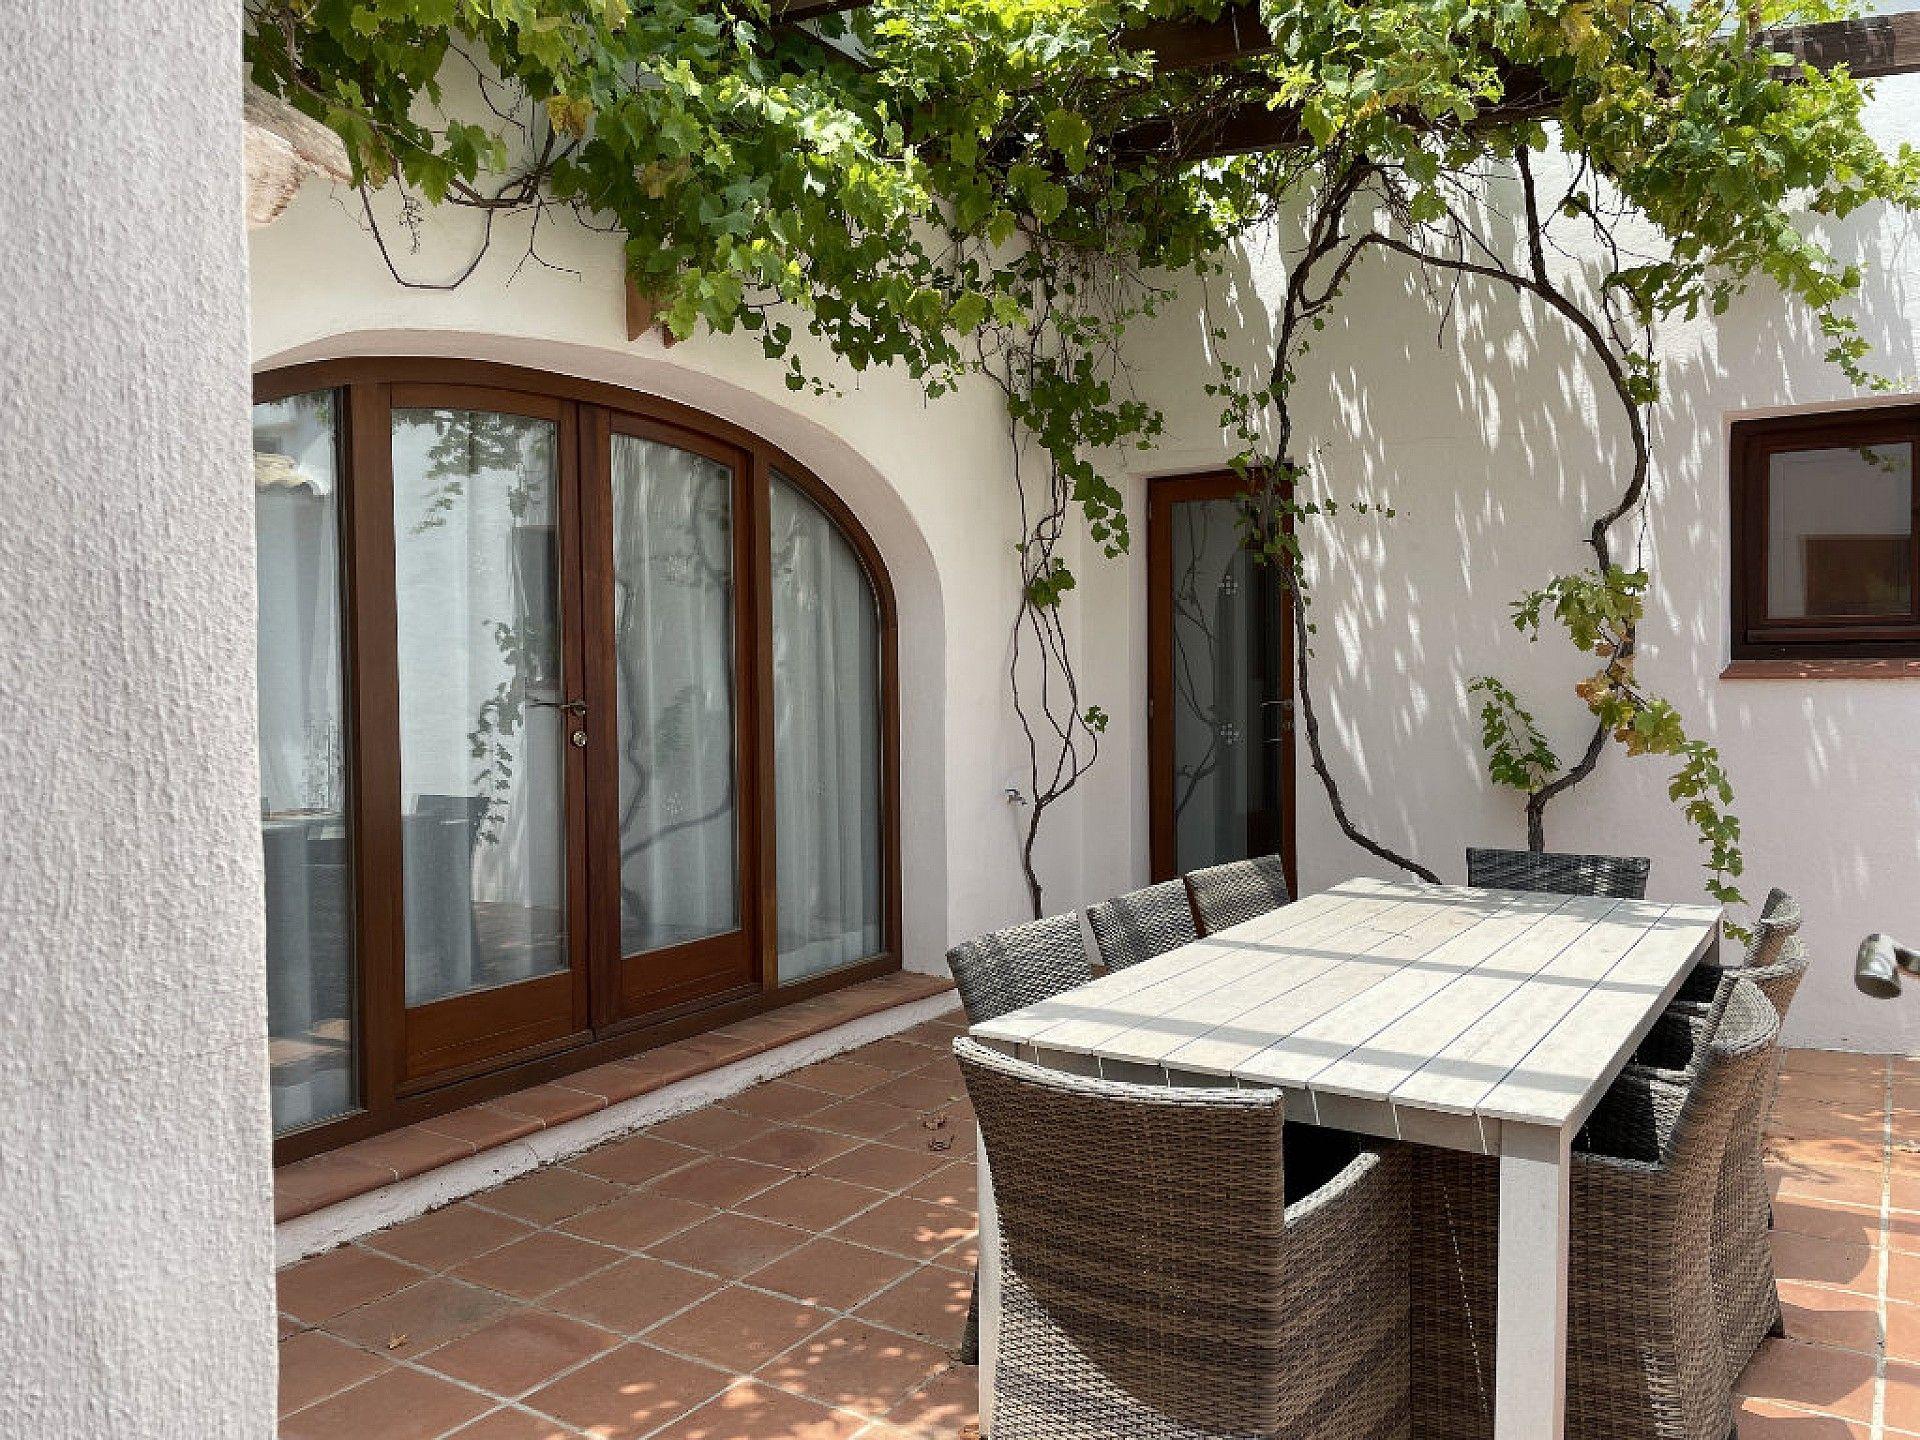 w_huis-tekoop-benissa-costa-blanca-spanje-v1059-55-1.jpg